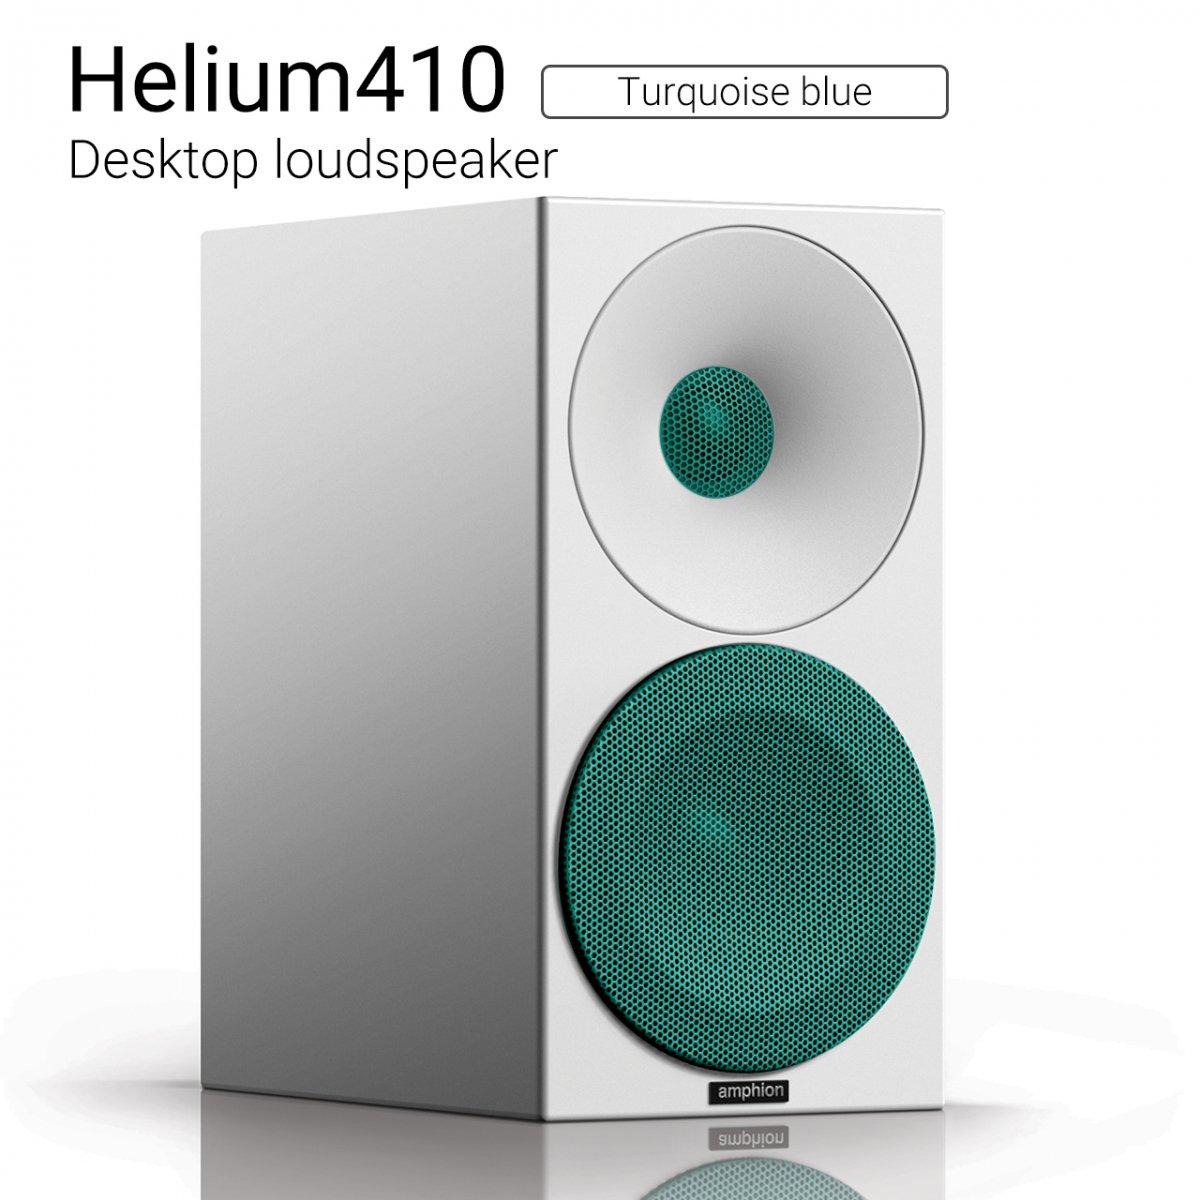 Helium410 (Turquoise blue) Desktop loudspeaker【ペア】